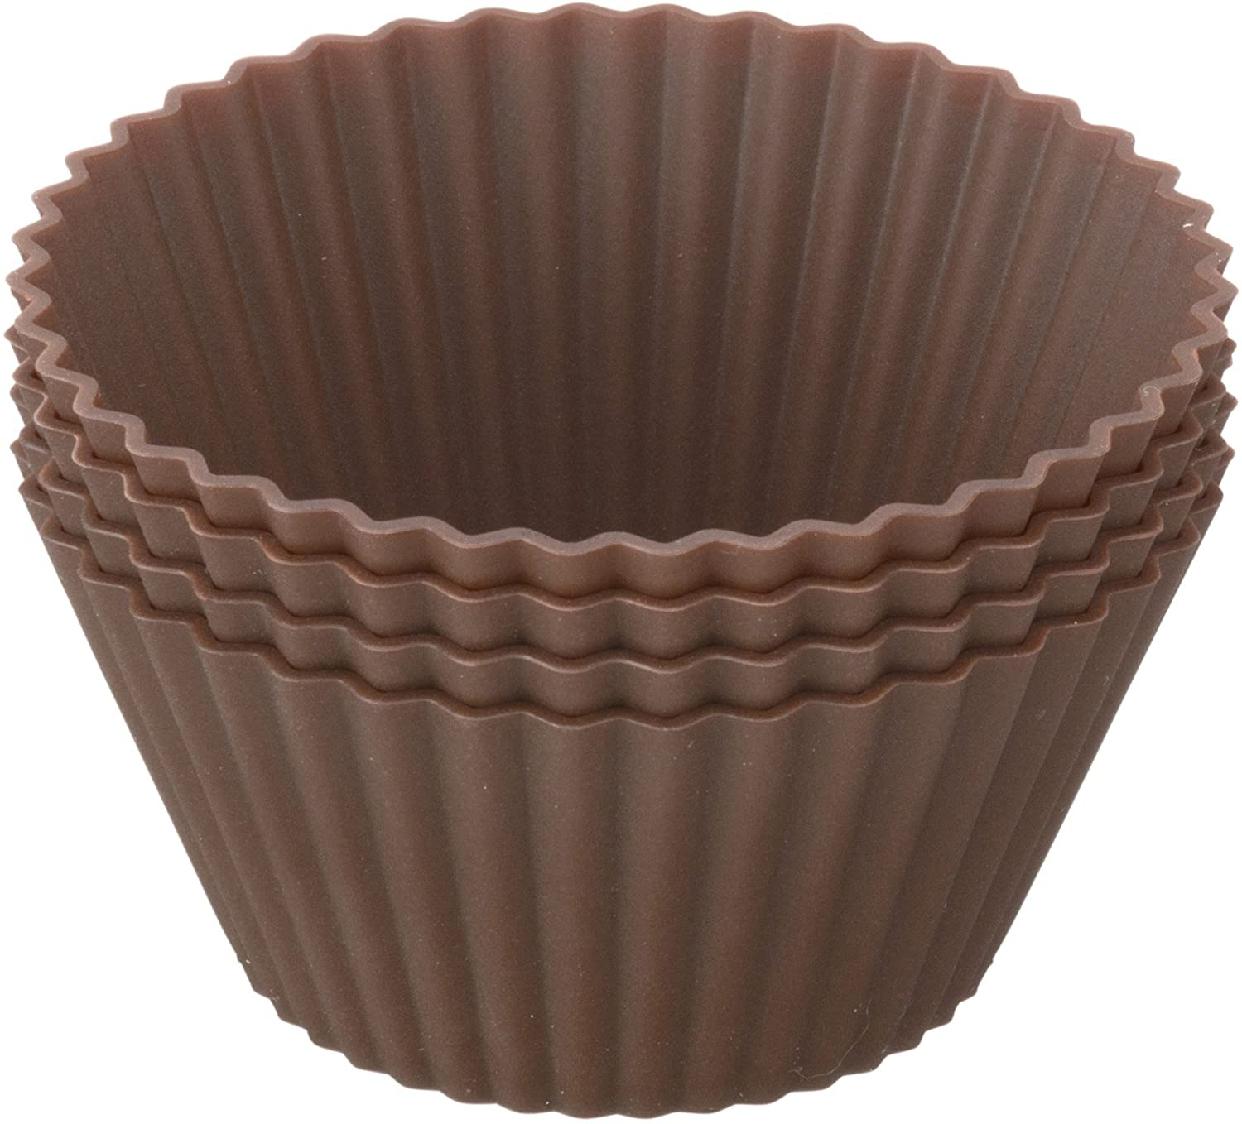 Kai House SELECT(カイハウスセレクト)型ばなれしやすいシリコーン製のマフィンカップ4個入り DL6354 ブラウンの商品画像